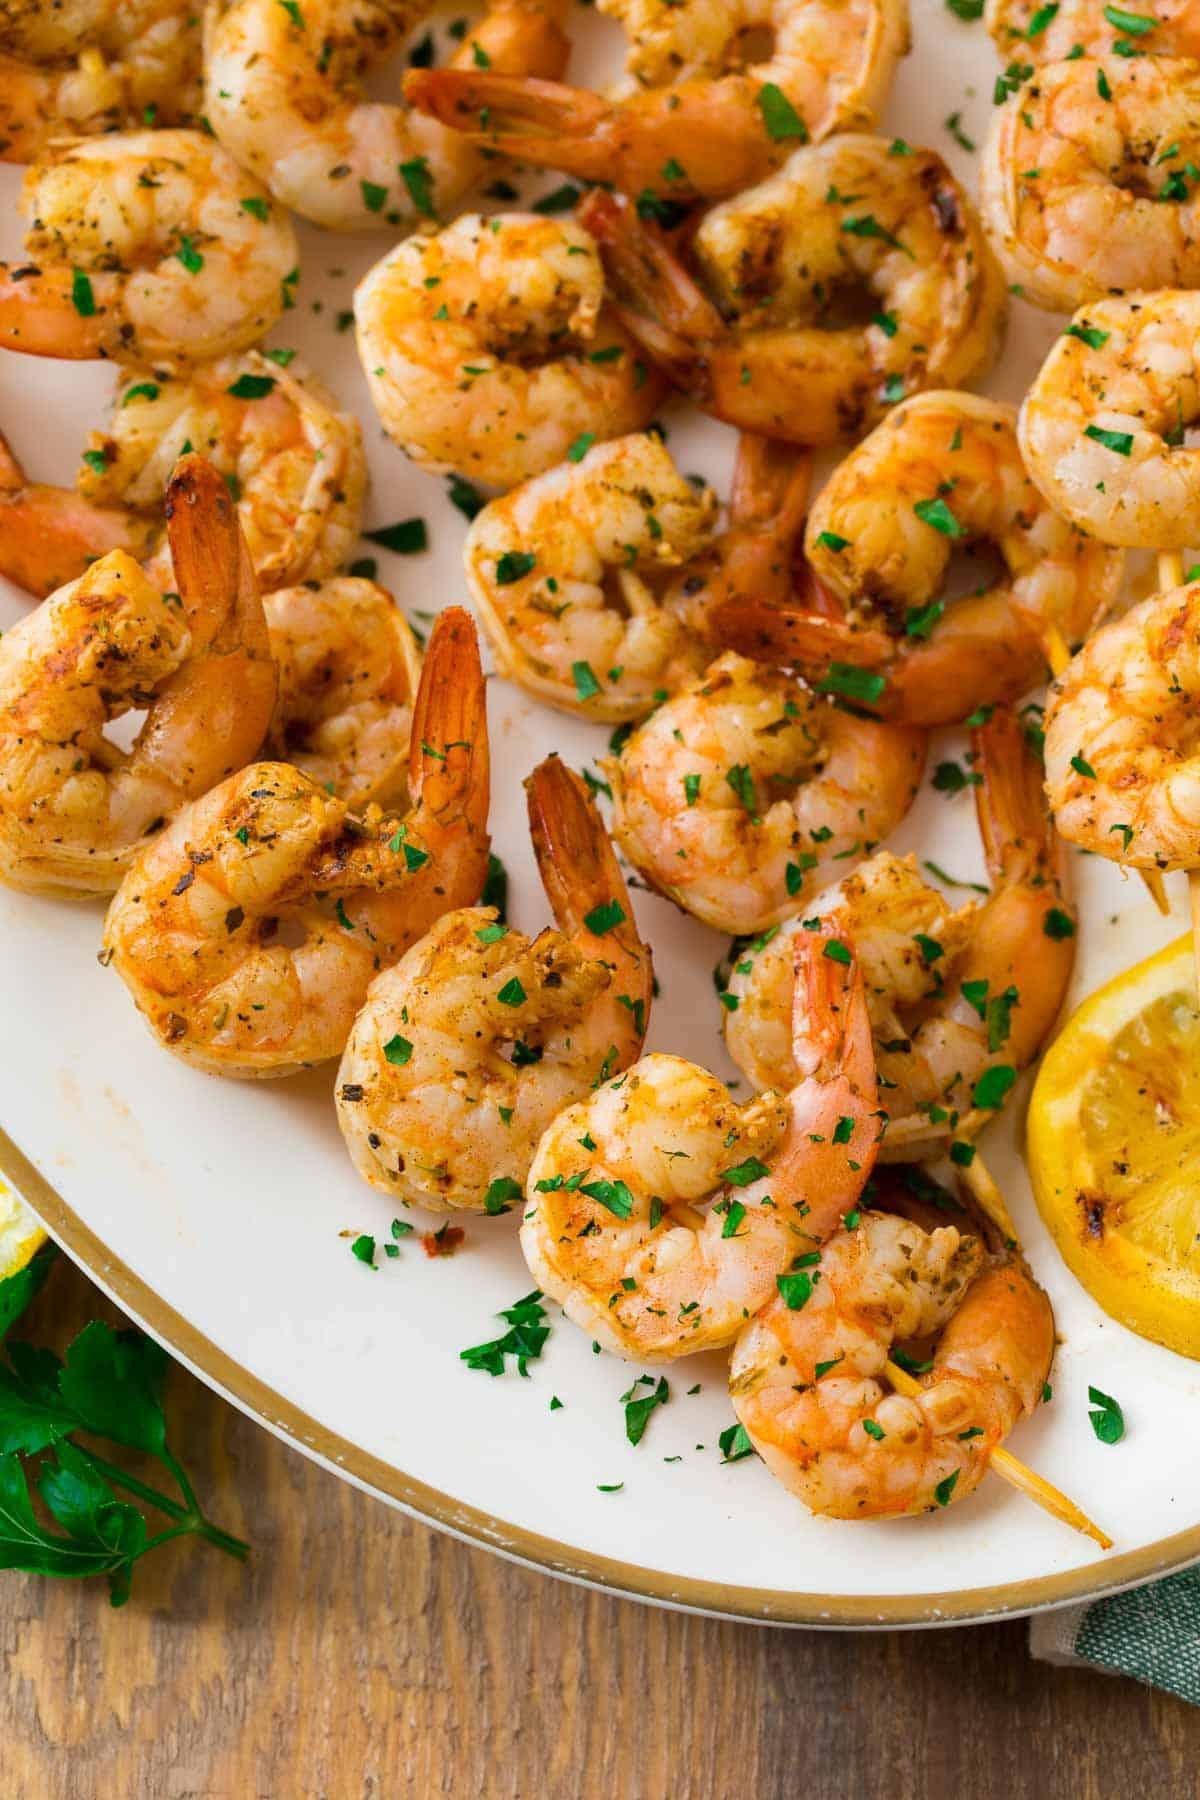 Lemon and Garlic Grilled Shrimp Skewers